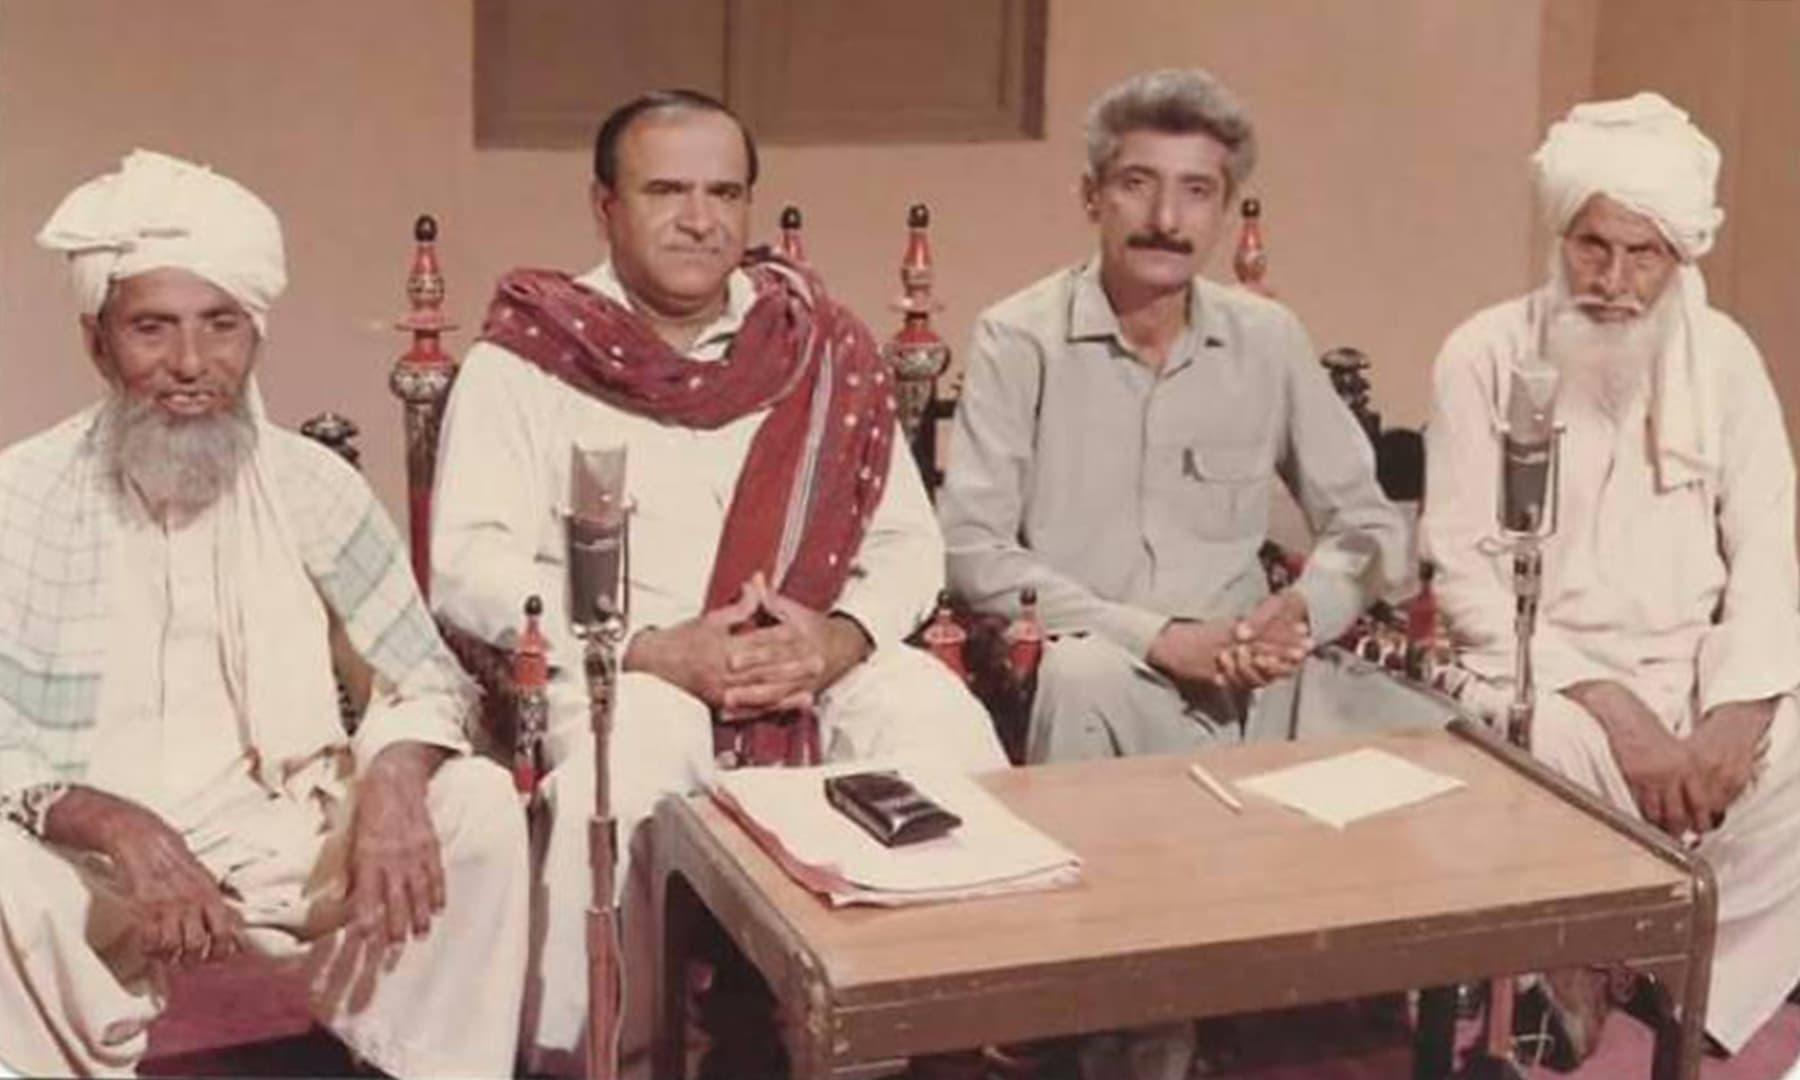 30 اگست 1984 کو شہر ٹھٹھہ میں کچہری پروگرام کی ریکارڈنگ کے دوران کھینچی گئی تصویر — تصویر بشکریہ ریڈیو پاکستان